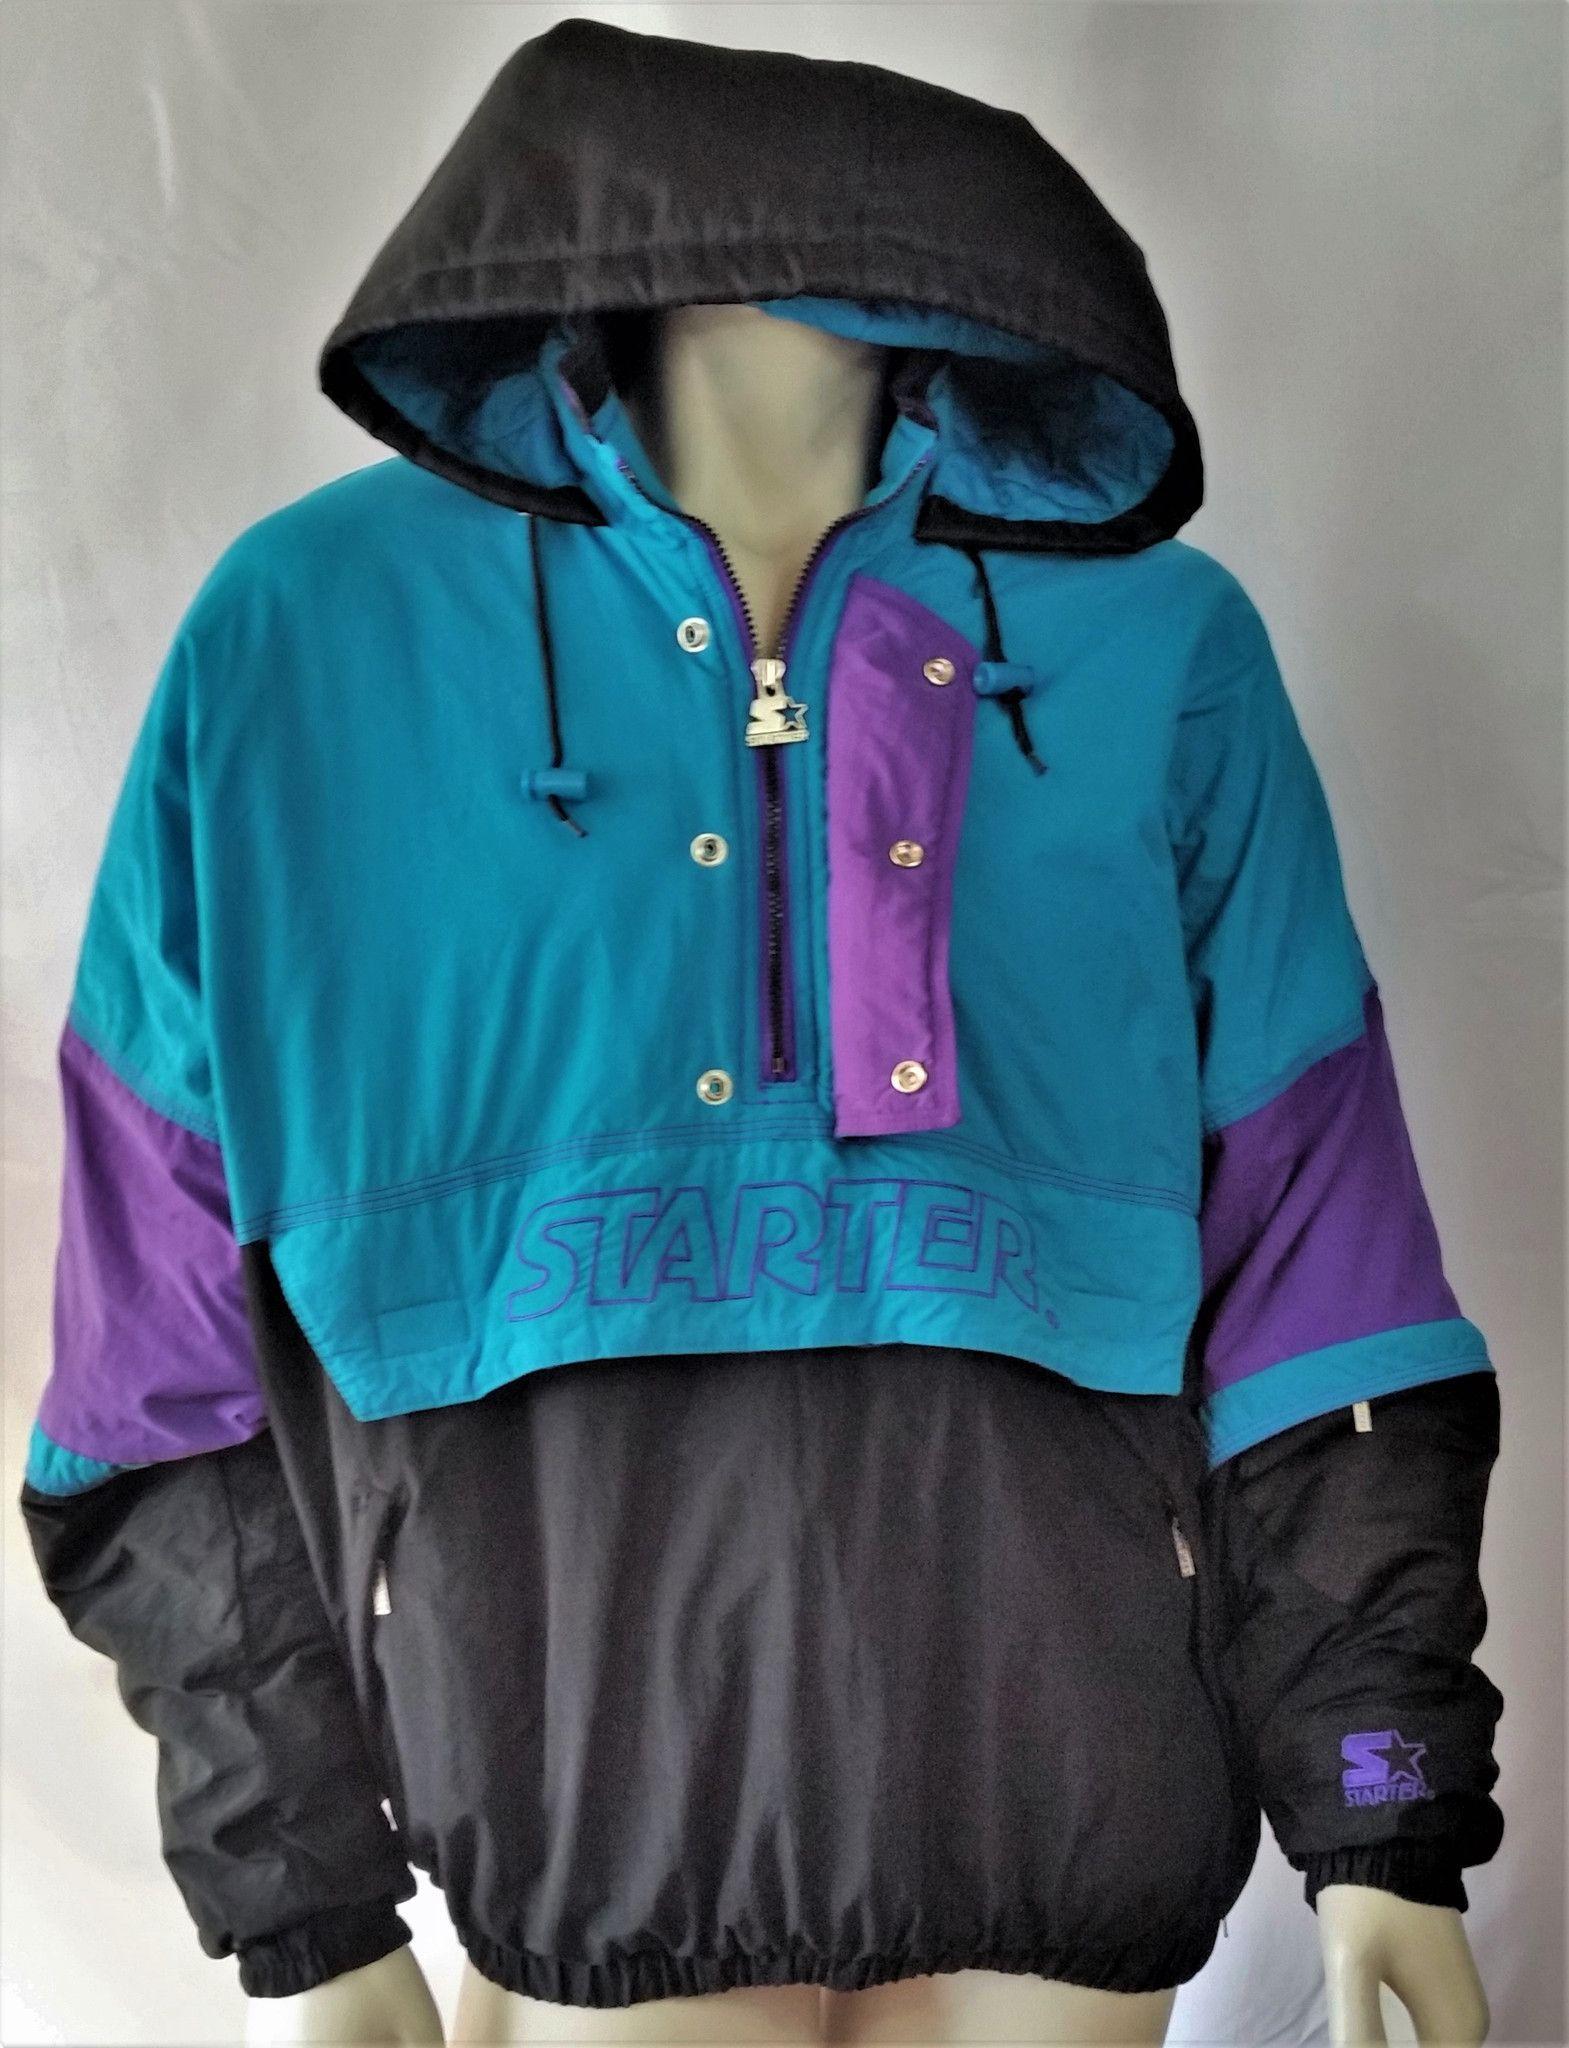 Vintage Starter Jacket Pullover Coat Hood Old Logo 90s Parka Rare Mens Large Pullover Jacket Jackets Hooded Coat